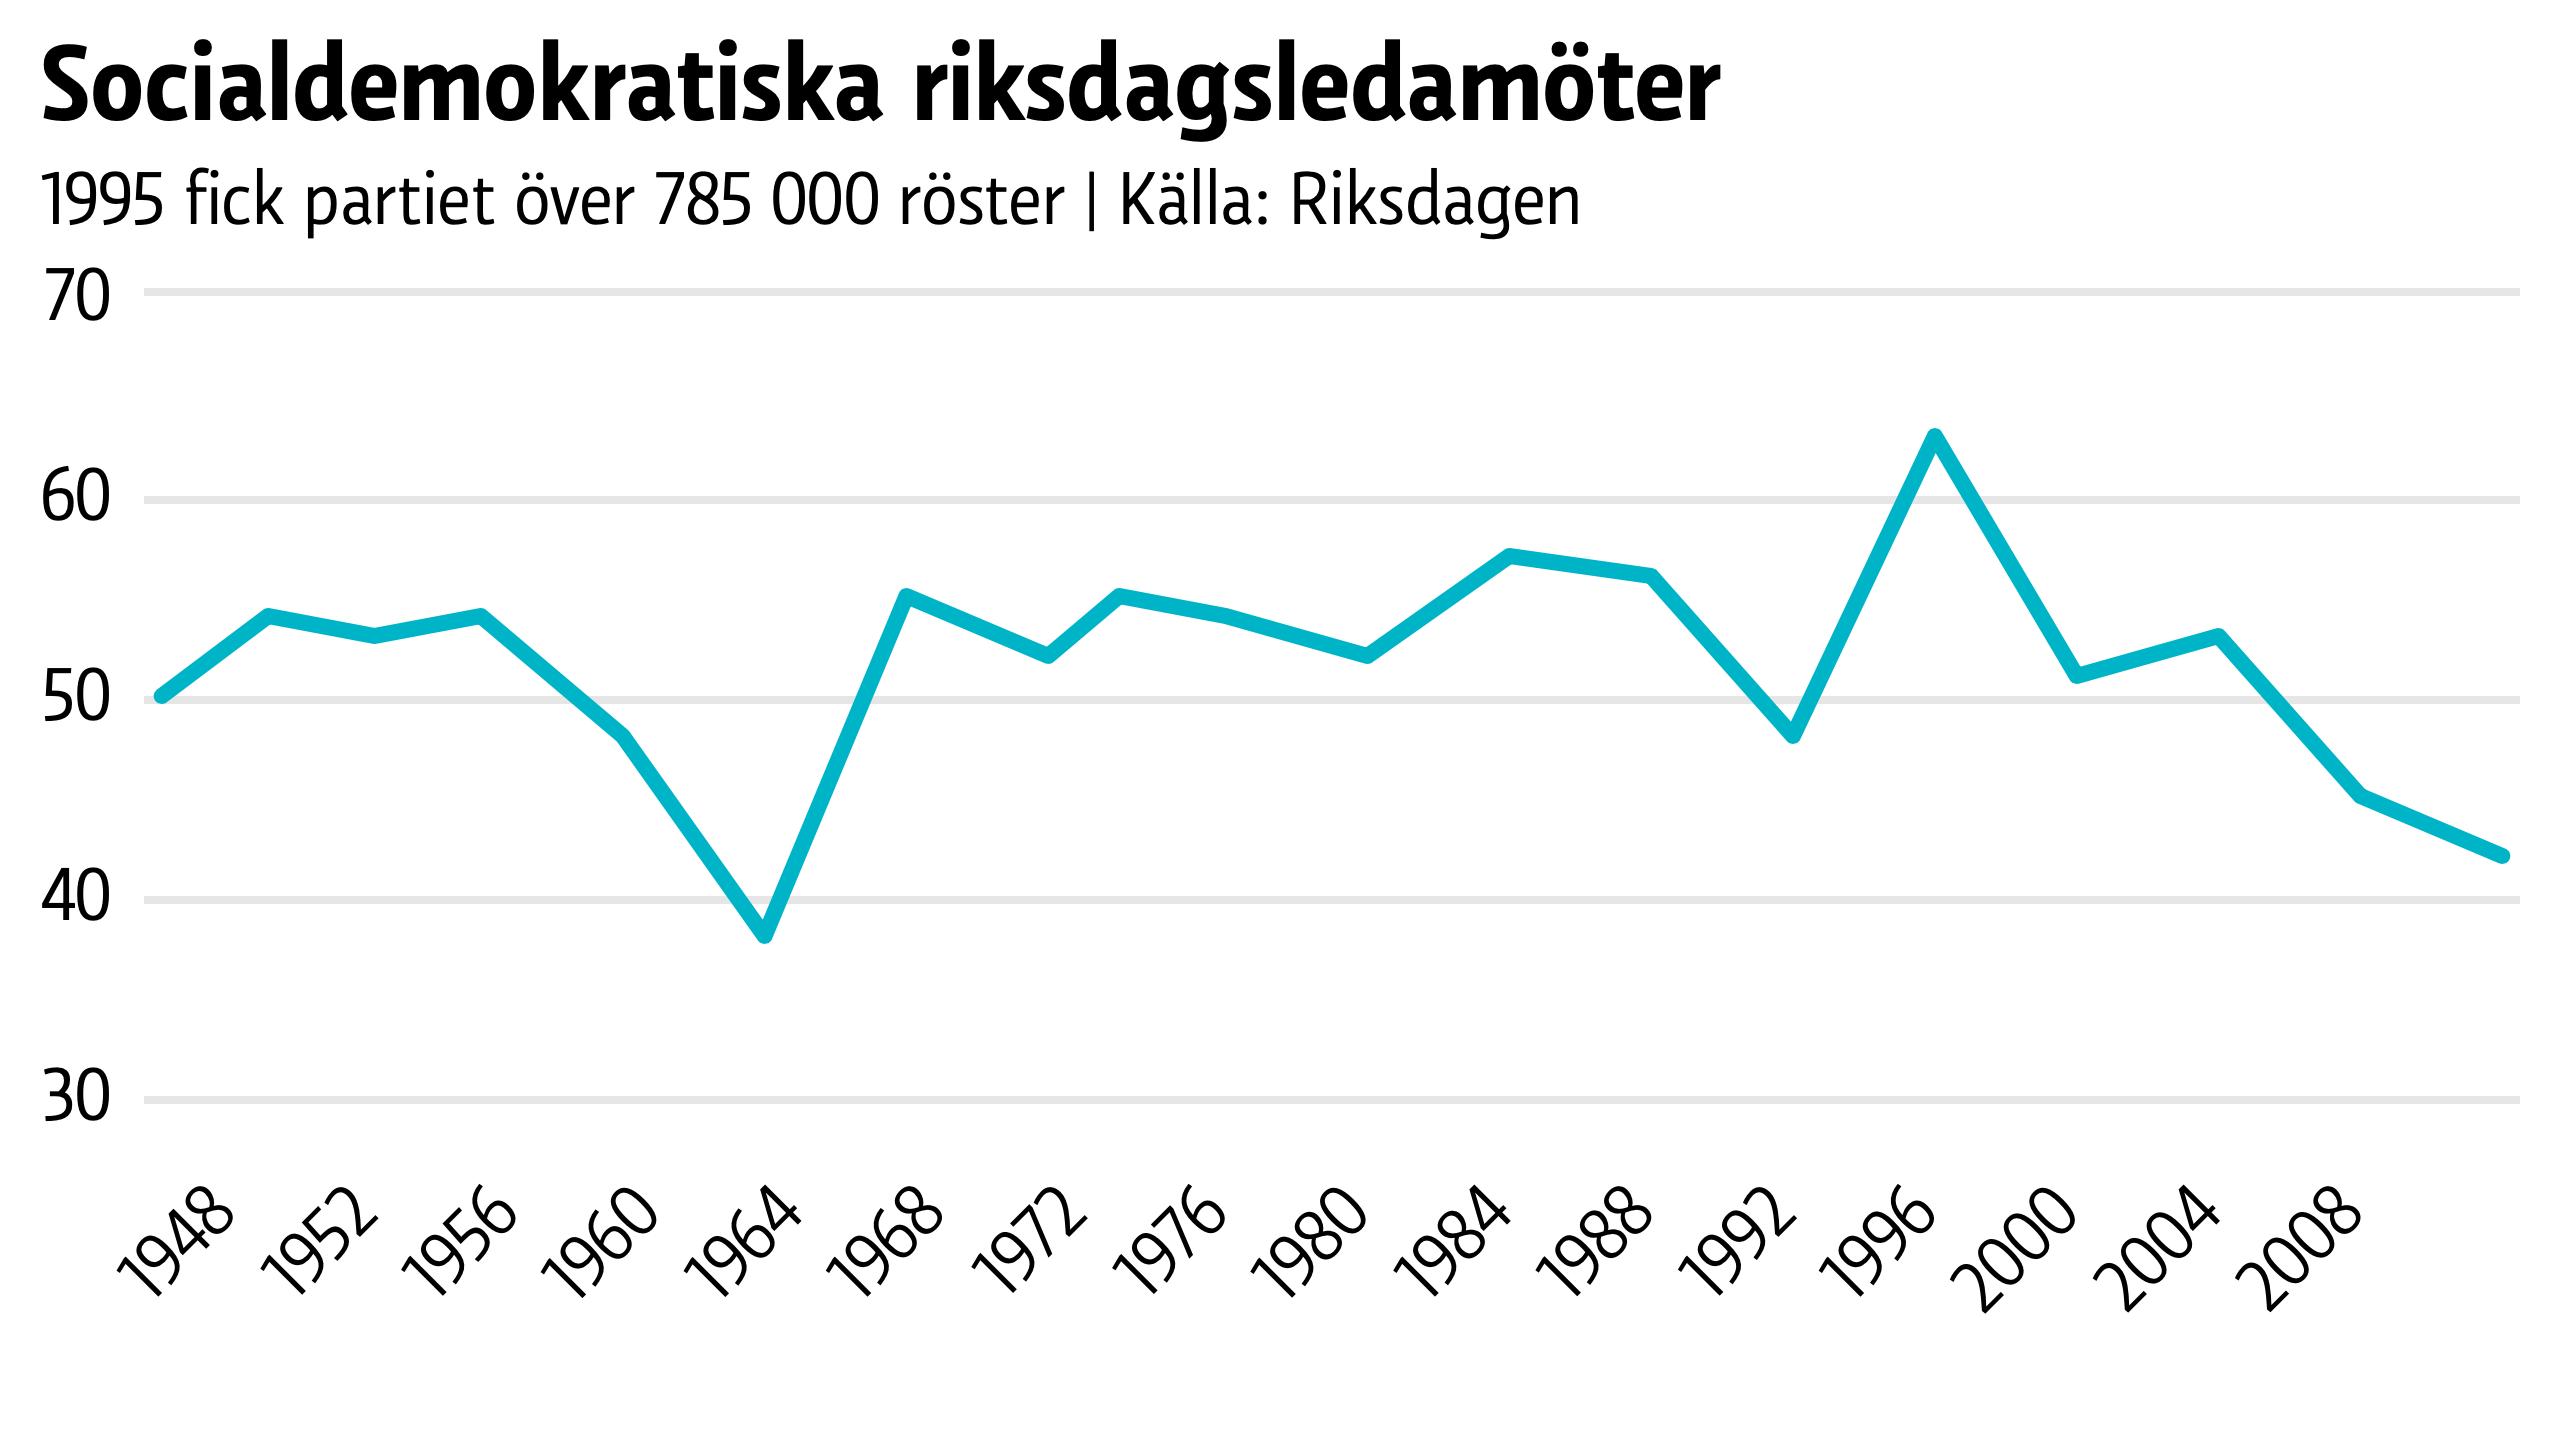 SDP fick 63 ledamöter 1995.